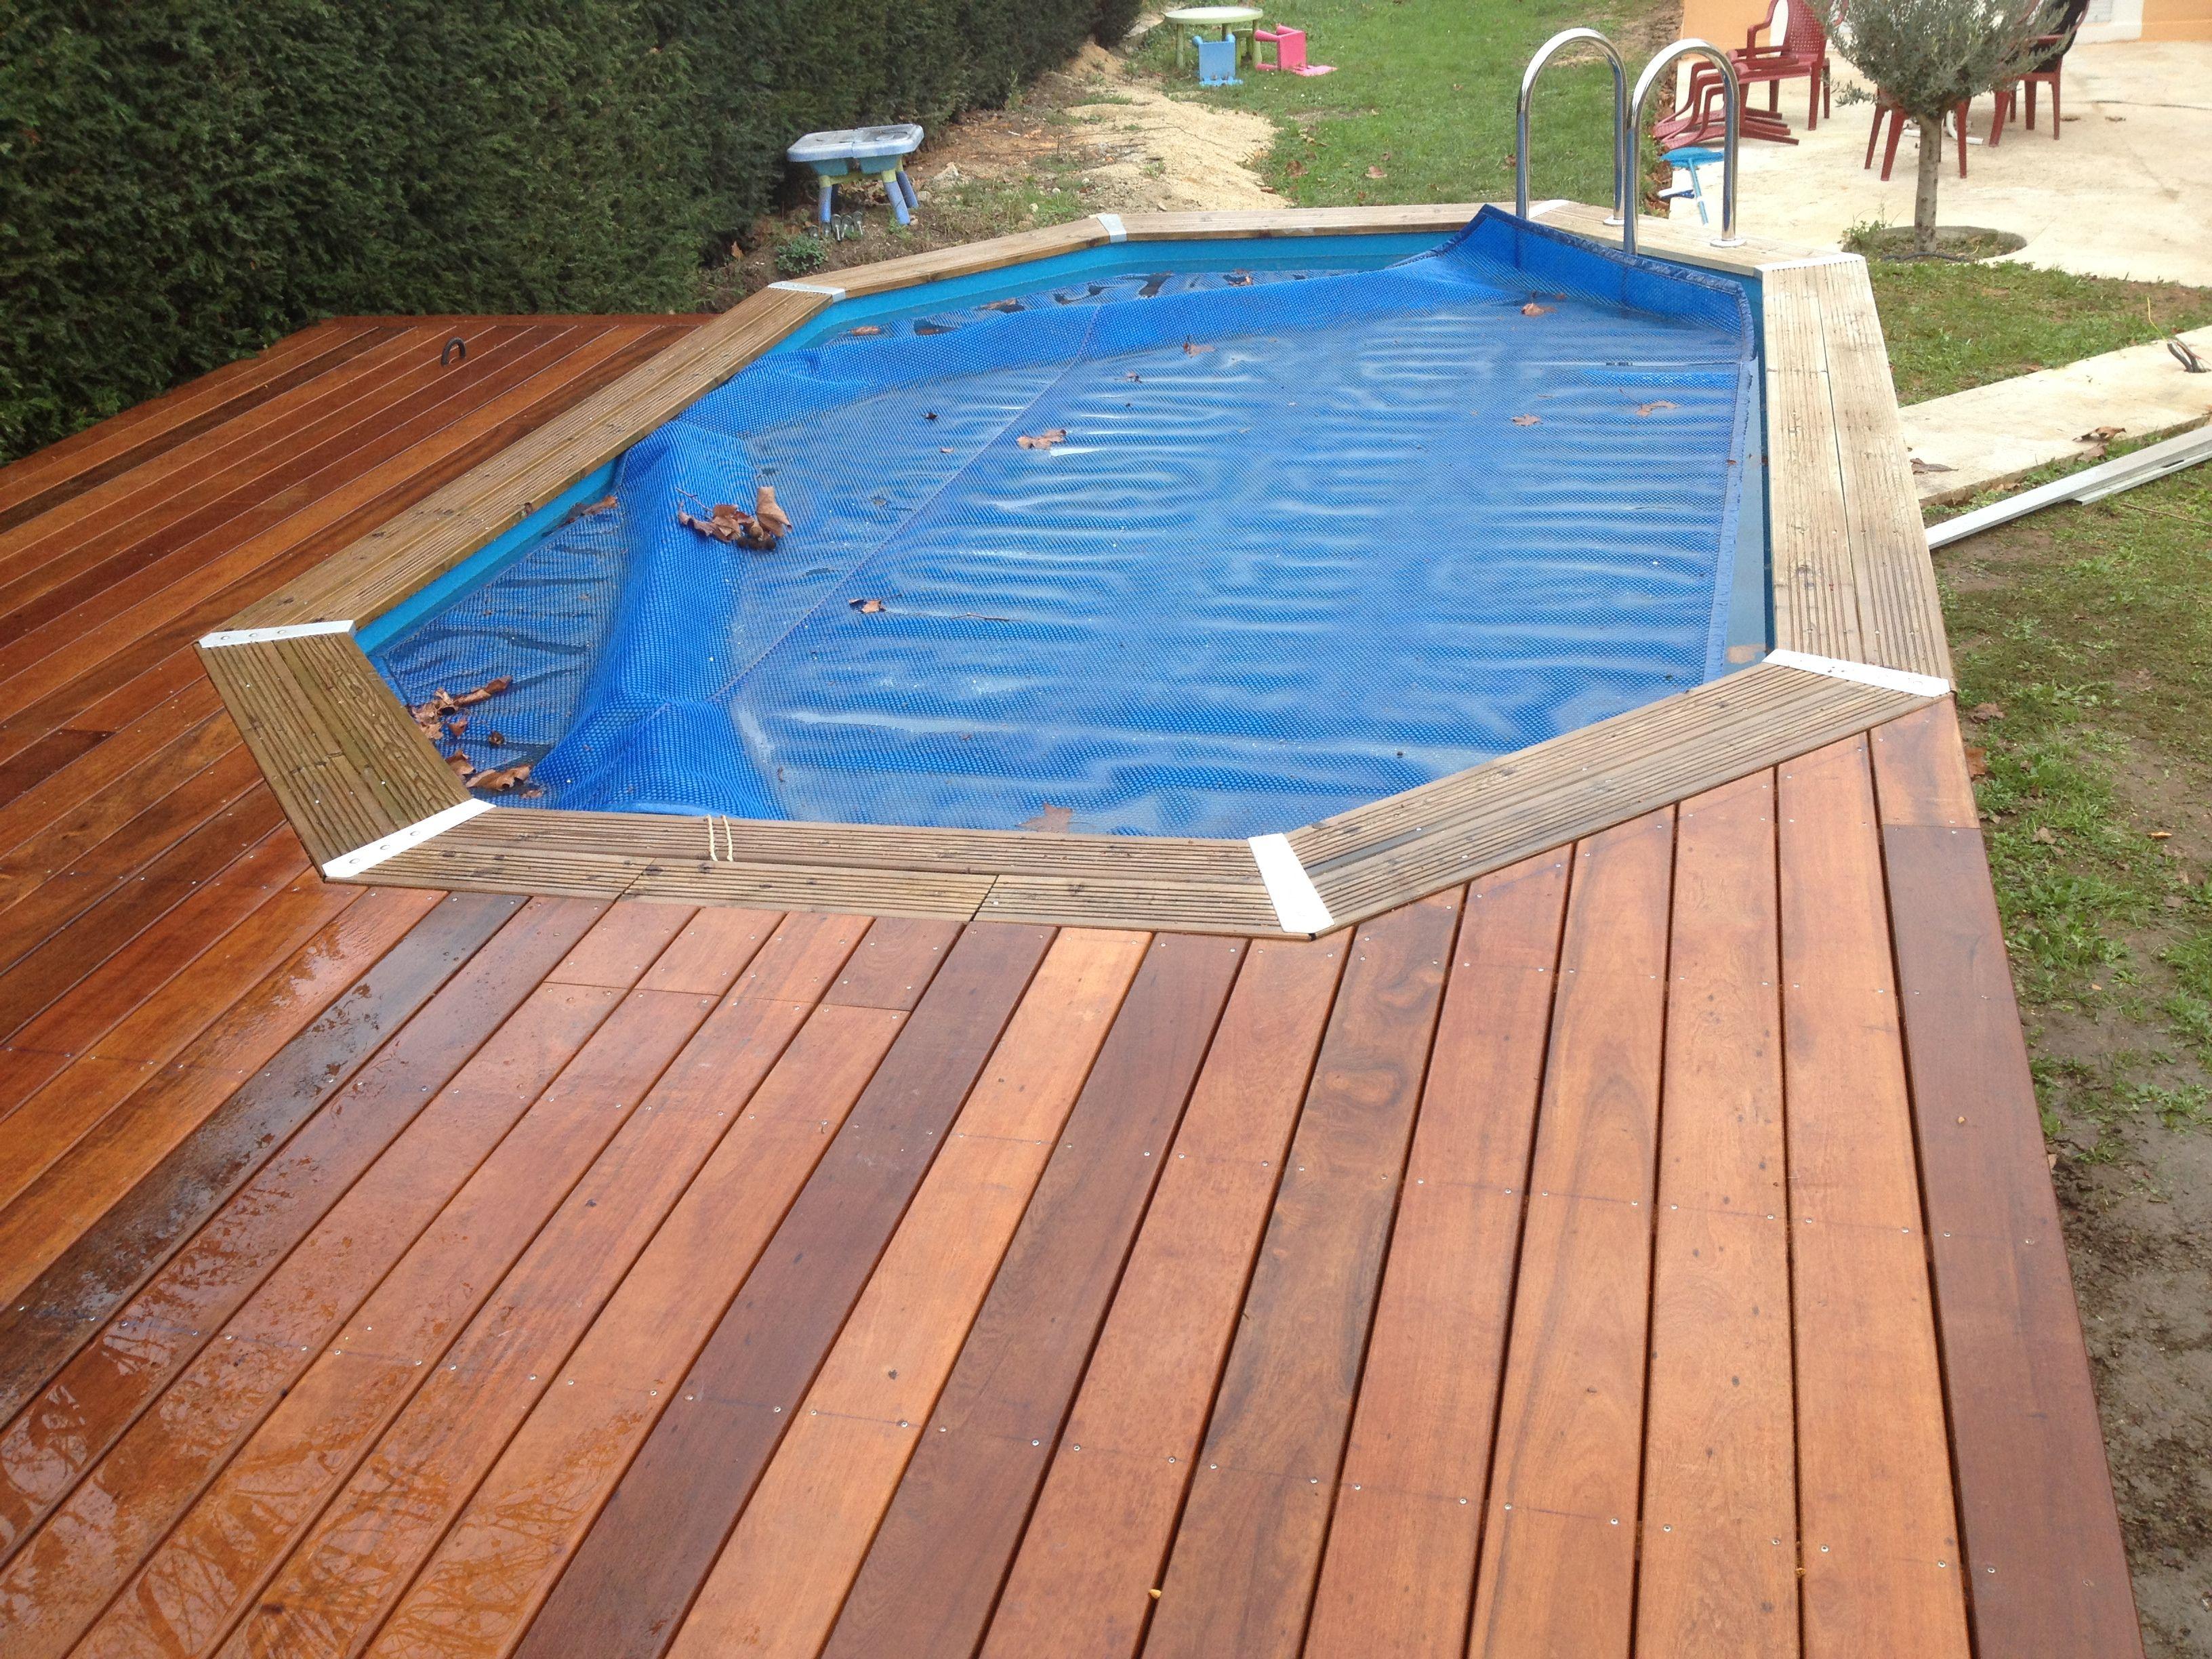 Plage de piscine pour piscine hors sol en bois exotique for Piscine en teck hors sol